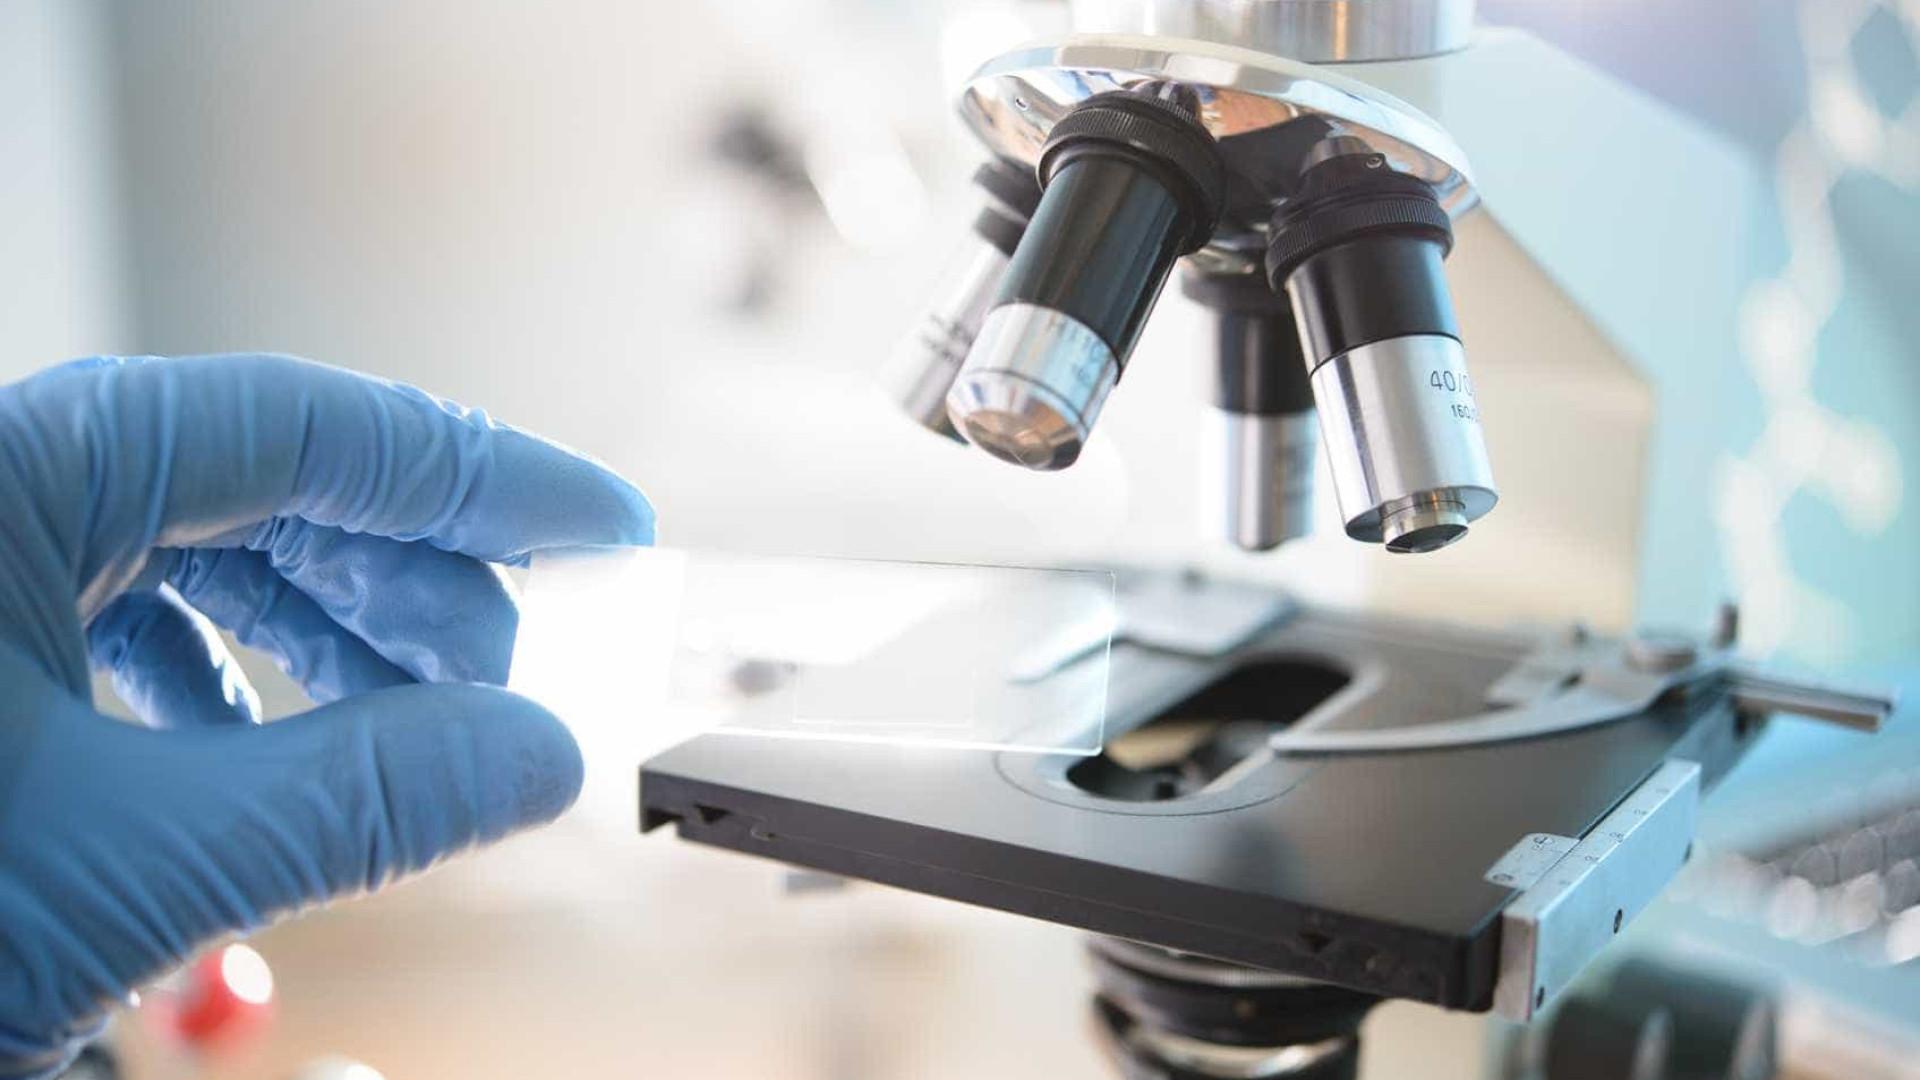 Oito cientistas portugueses ganham 16 milhões em bolsas do Horizonte 2020